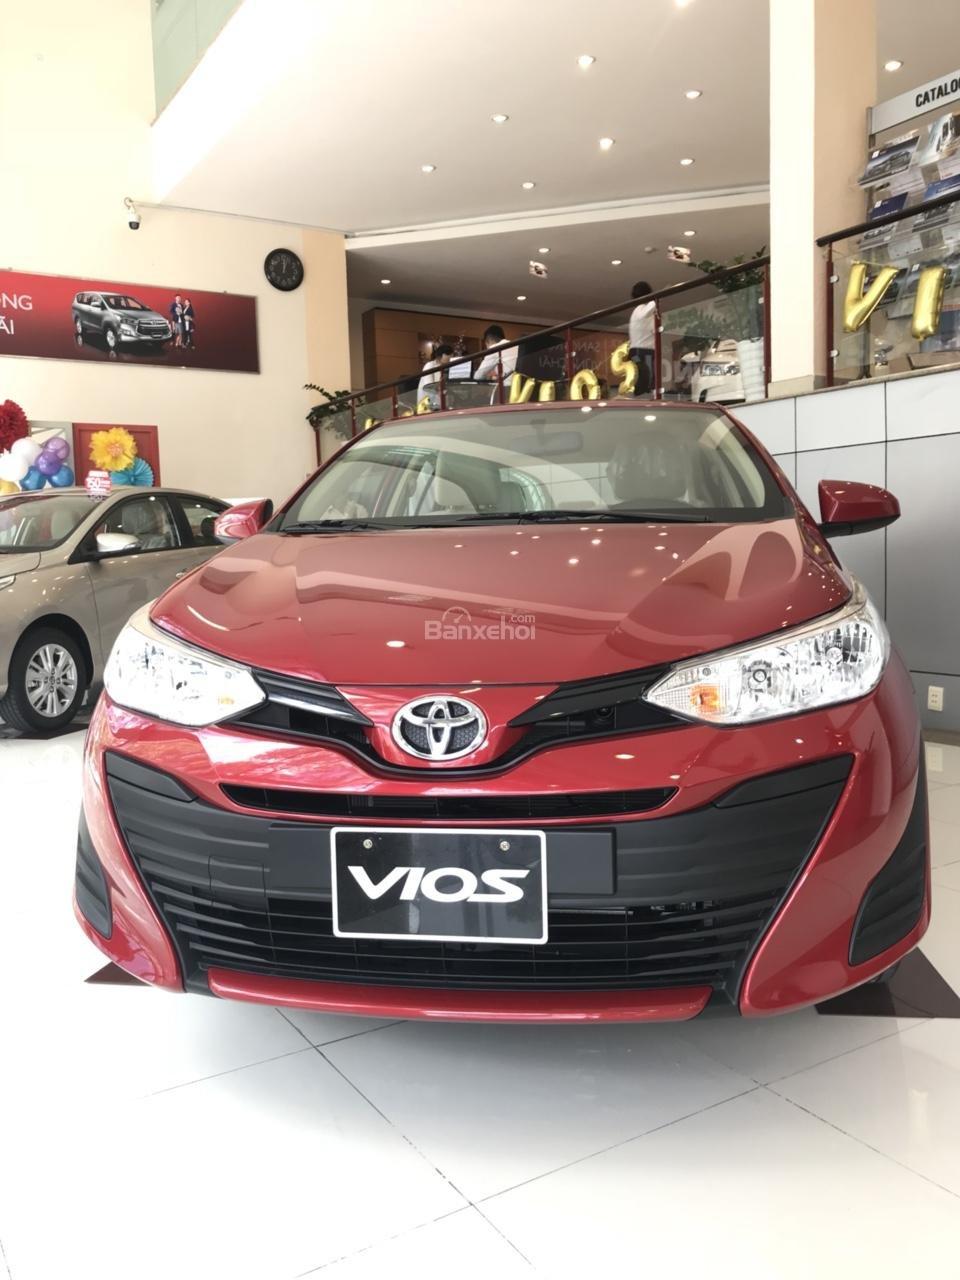 Bán Toyota Vios E-MT model 2018 có đủ màu, xe giao tận nơi bằng xe chuyên dùng KH ở tỉnh, vay 80% lãi suất 3.99%/năm-0